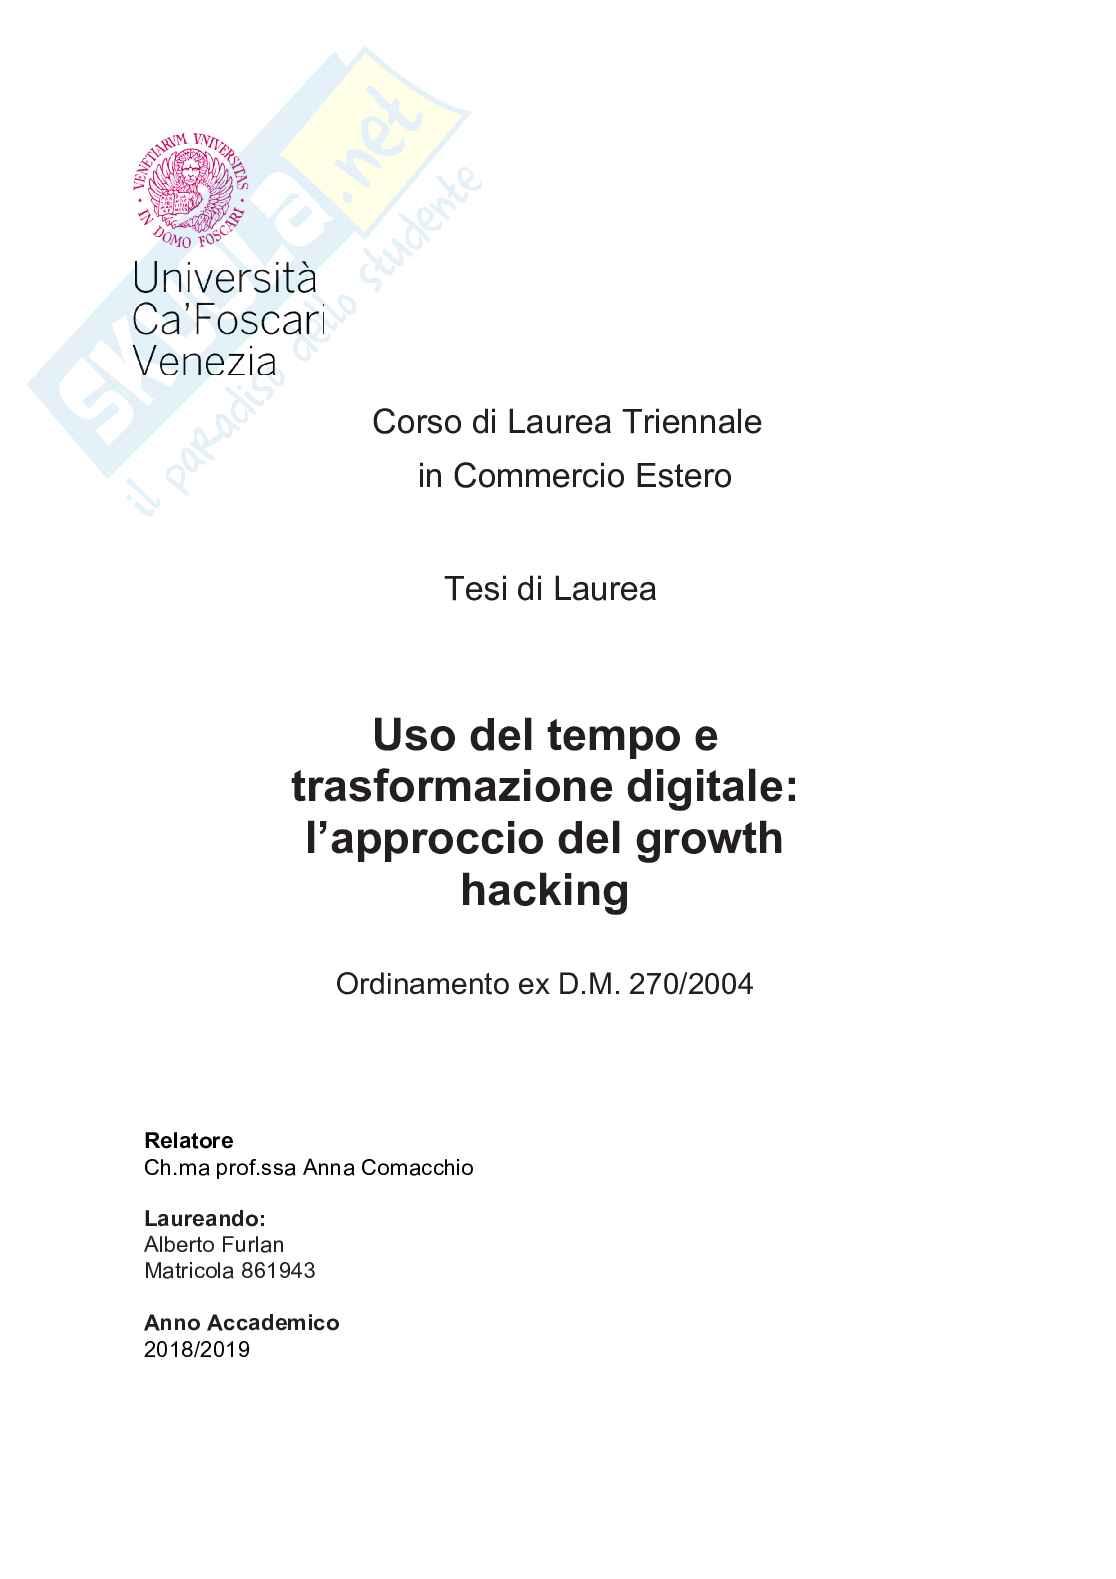 Trasformazione digitale: l'approccio del growth hacking